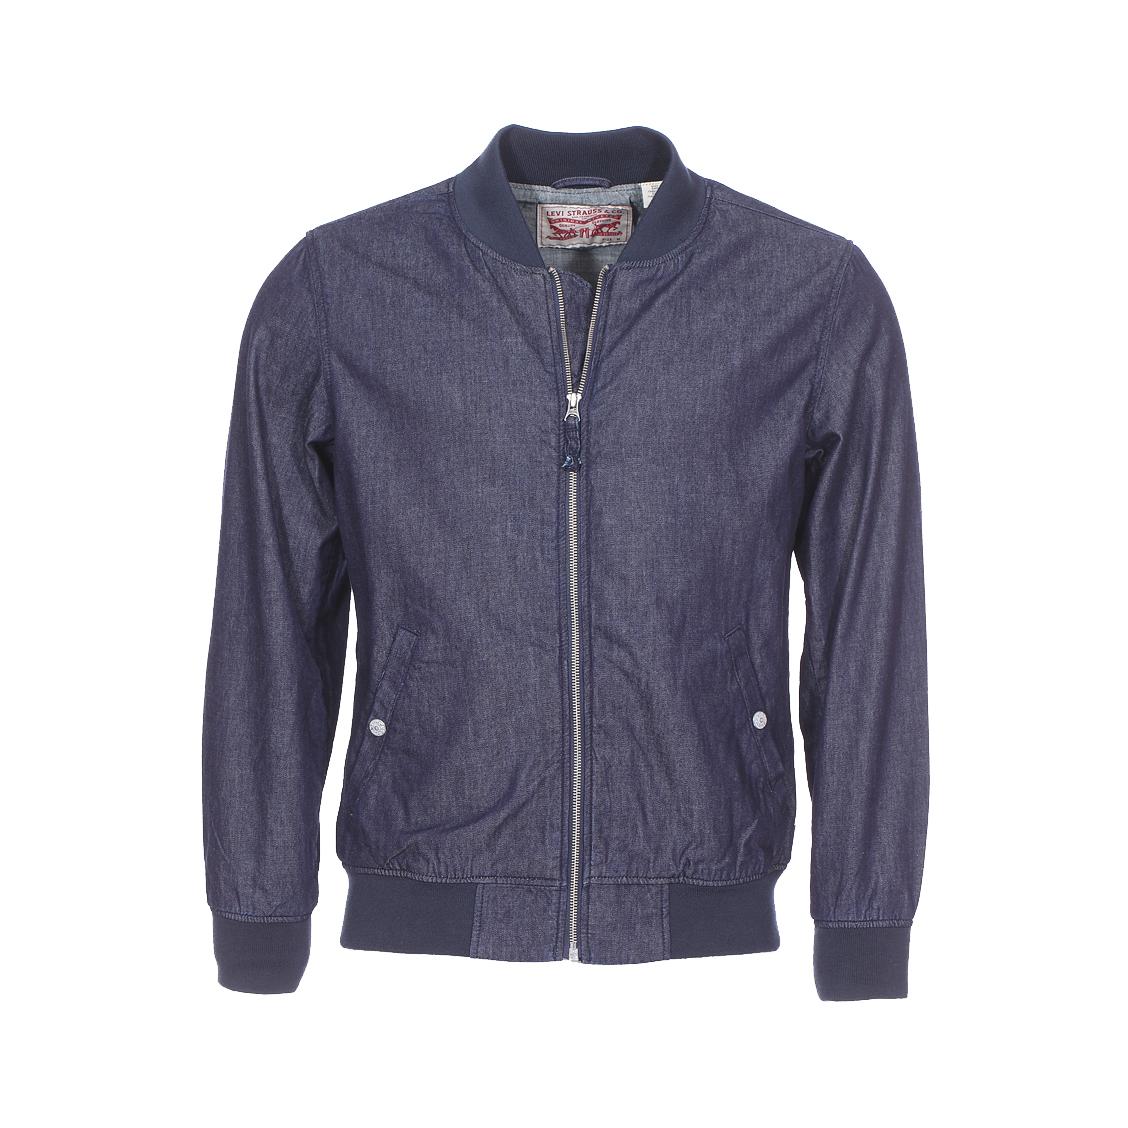 Blouson levi\'s lyon bomber jacket en coton bleu jean foncé